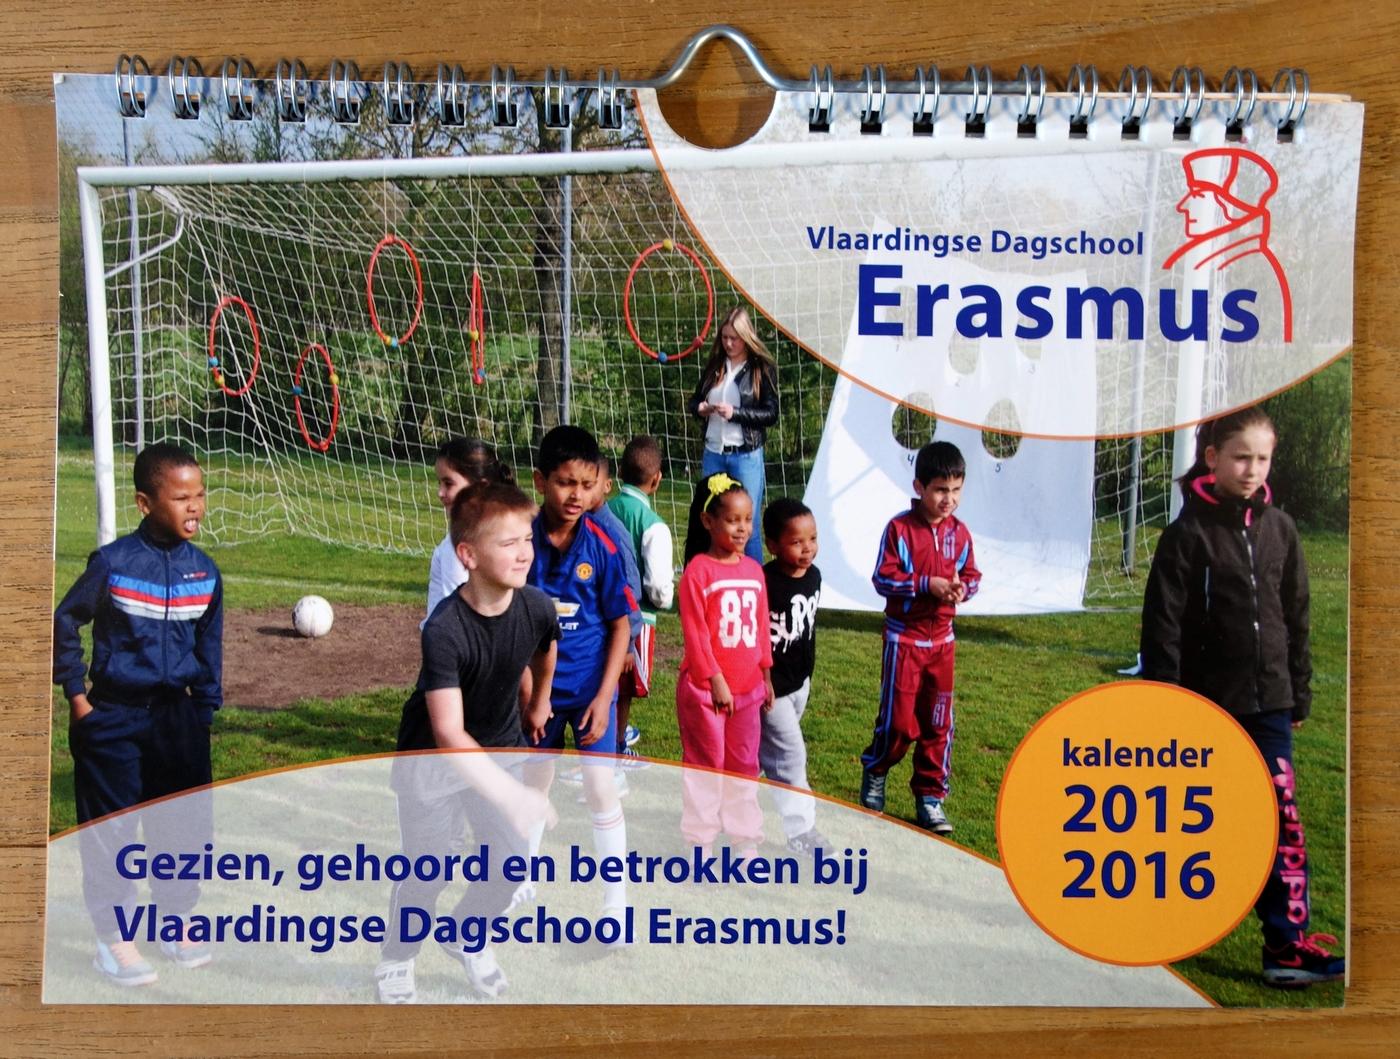 PF-Kalender Vlaardingse Dagschool Erasmus